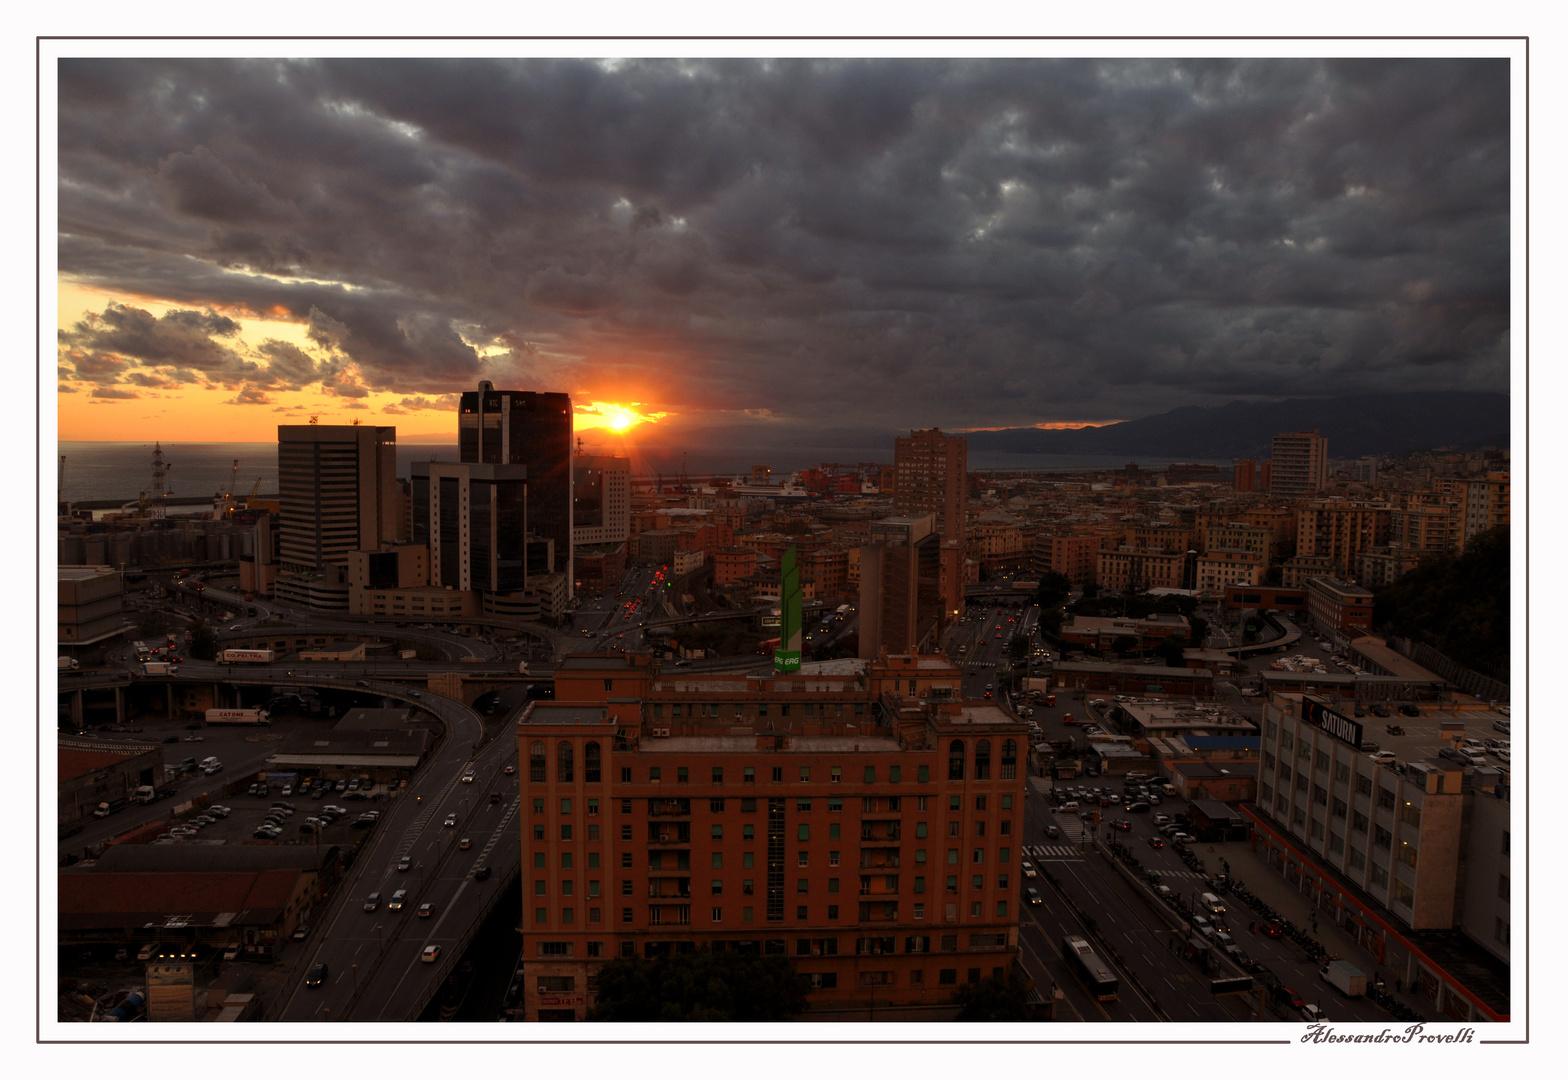 Ultime luci sulla città